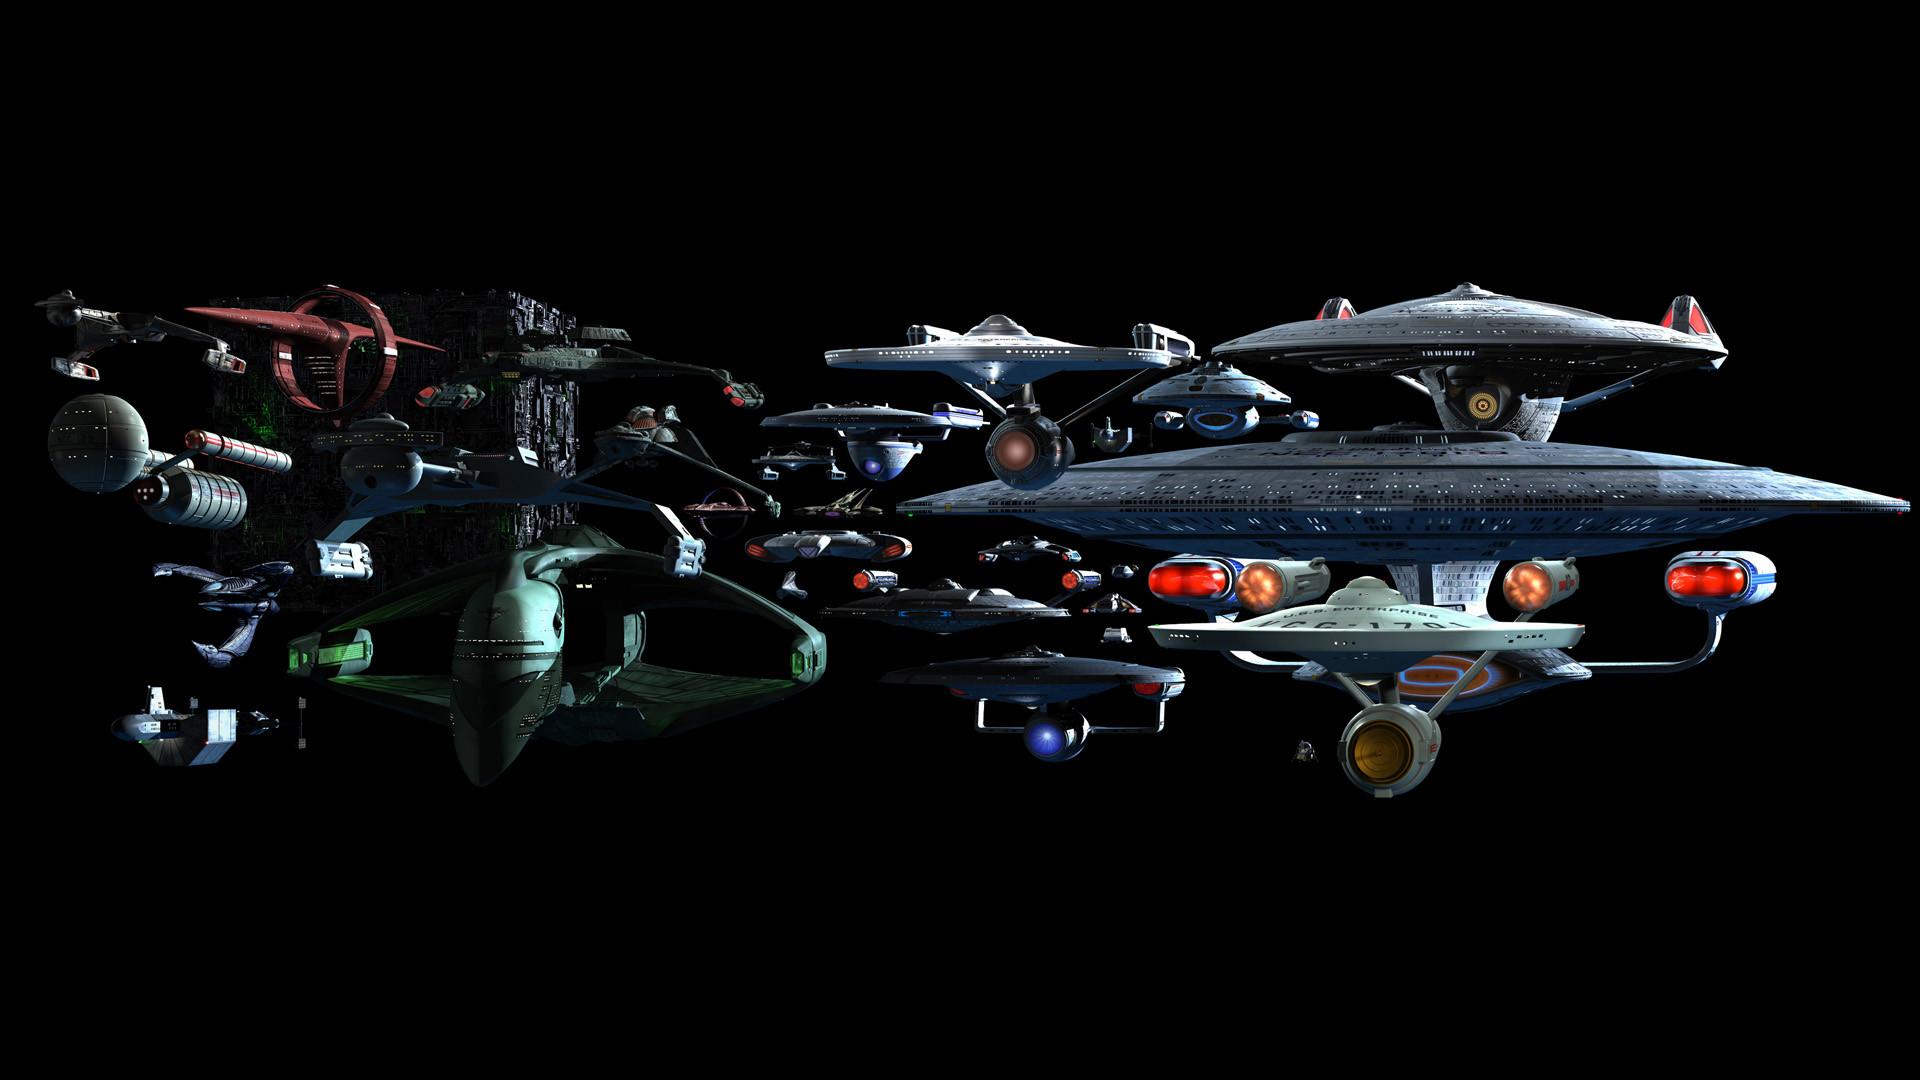 Index of /s/startrek/ships/starfleet/misc